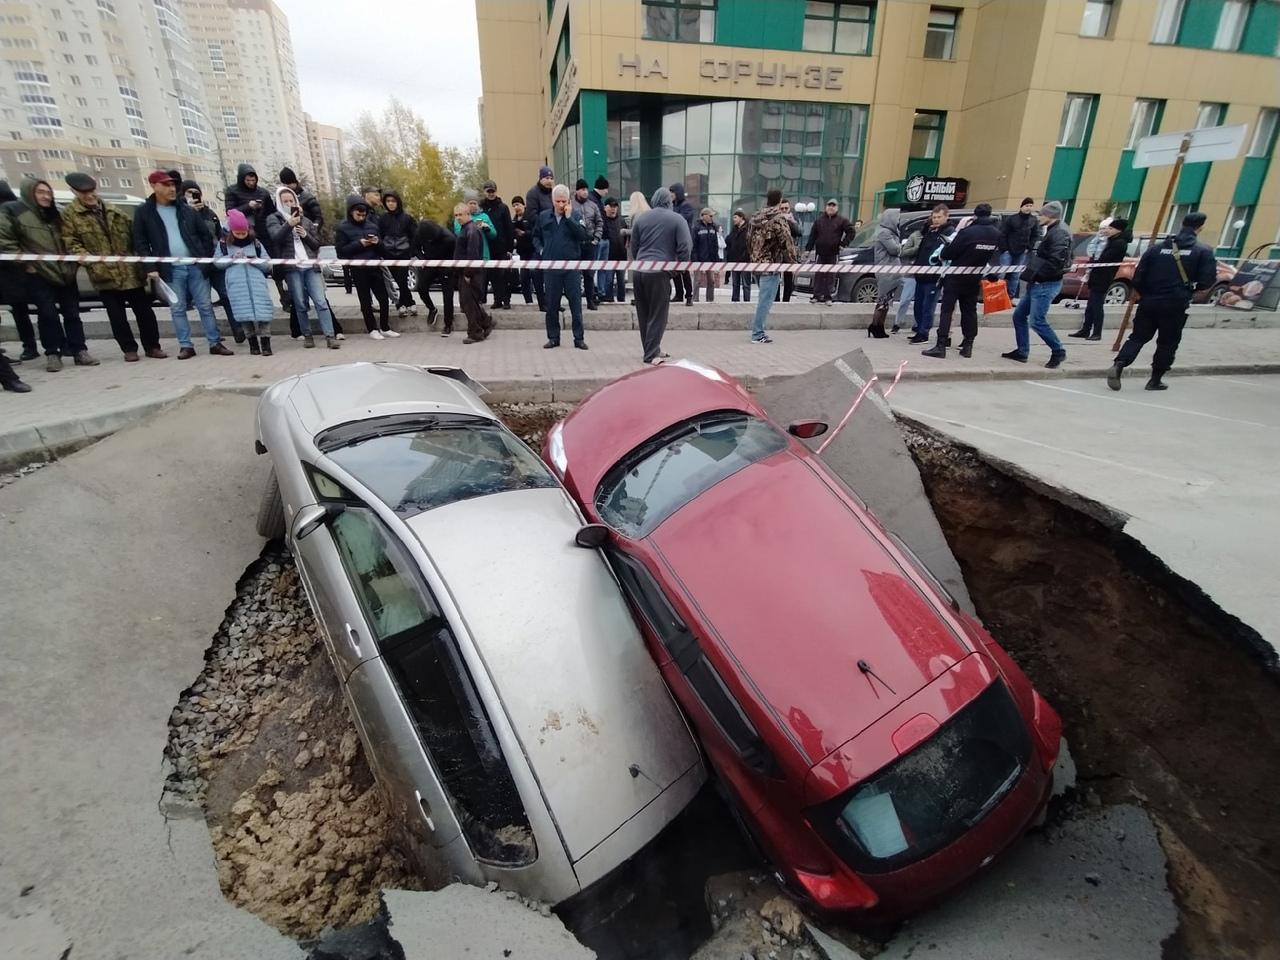 Фото Появились фото с места провала машин в яму с кипятком в Новосибирске 2